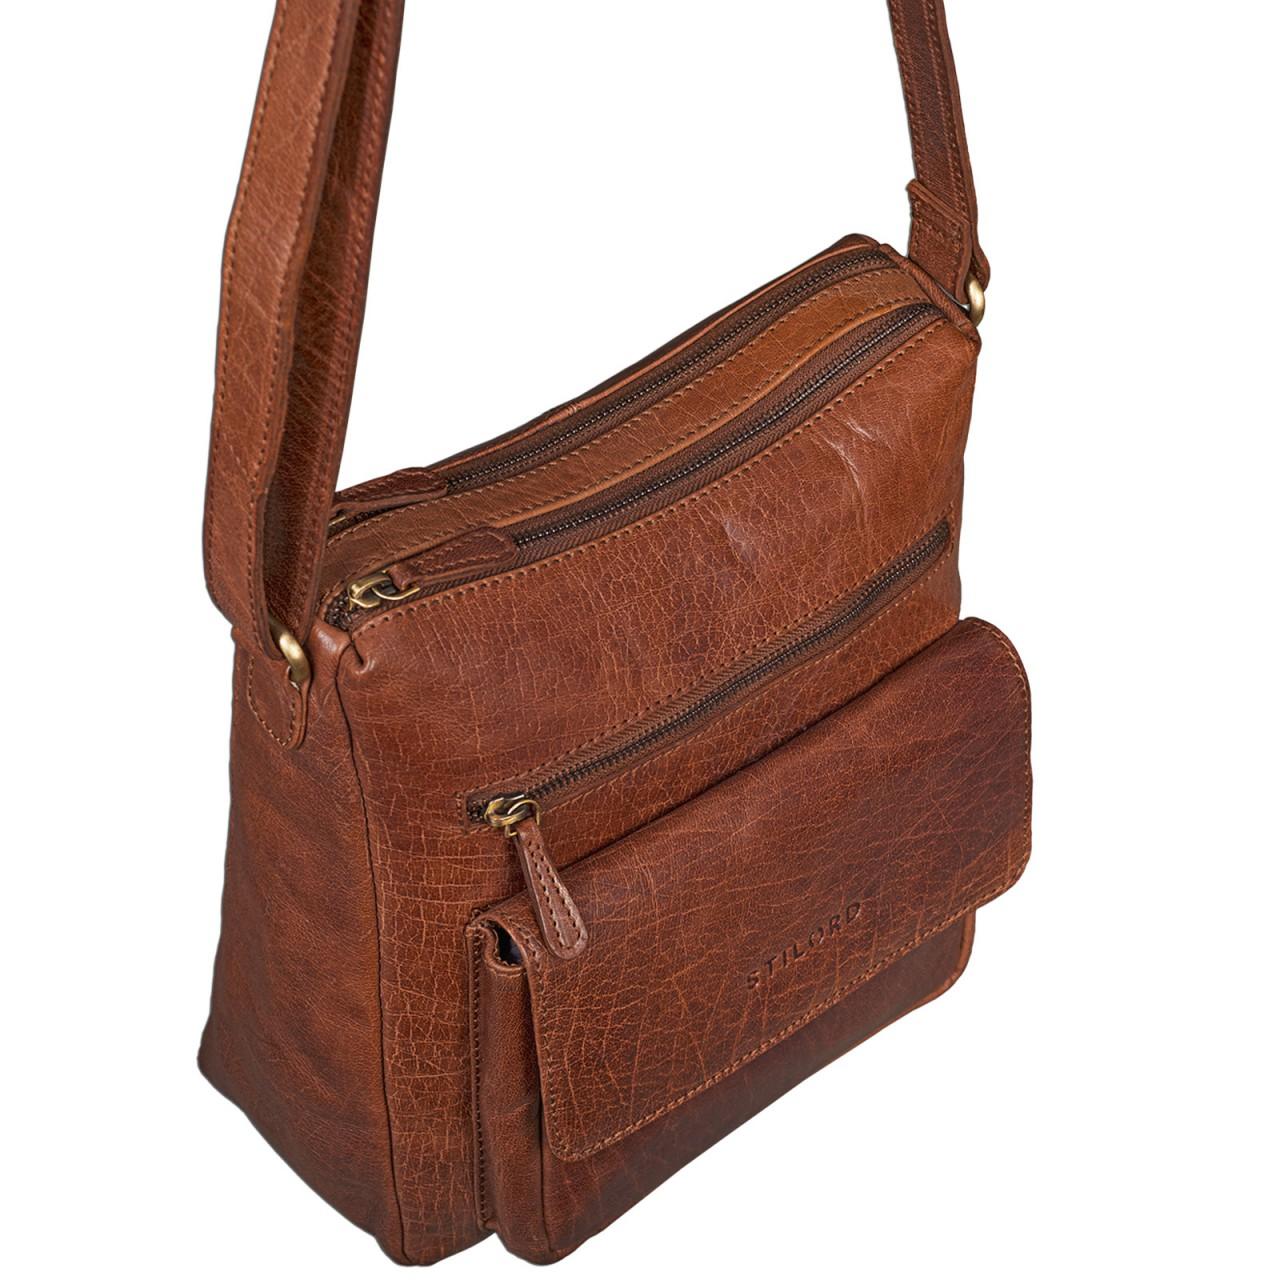 STILORD Vintage Umhängetasche für Damen Schultertasche Handtasche Ausgehen Freizeit Abendtasche Büffel Leder glänzend braun - Bild 3